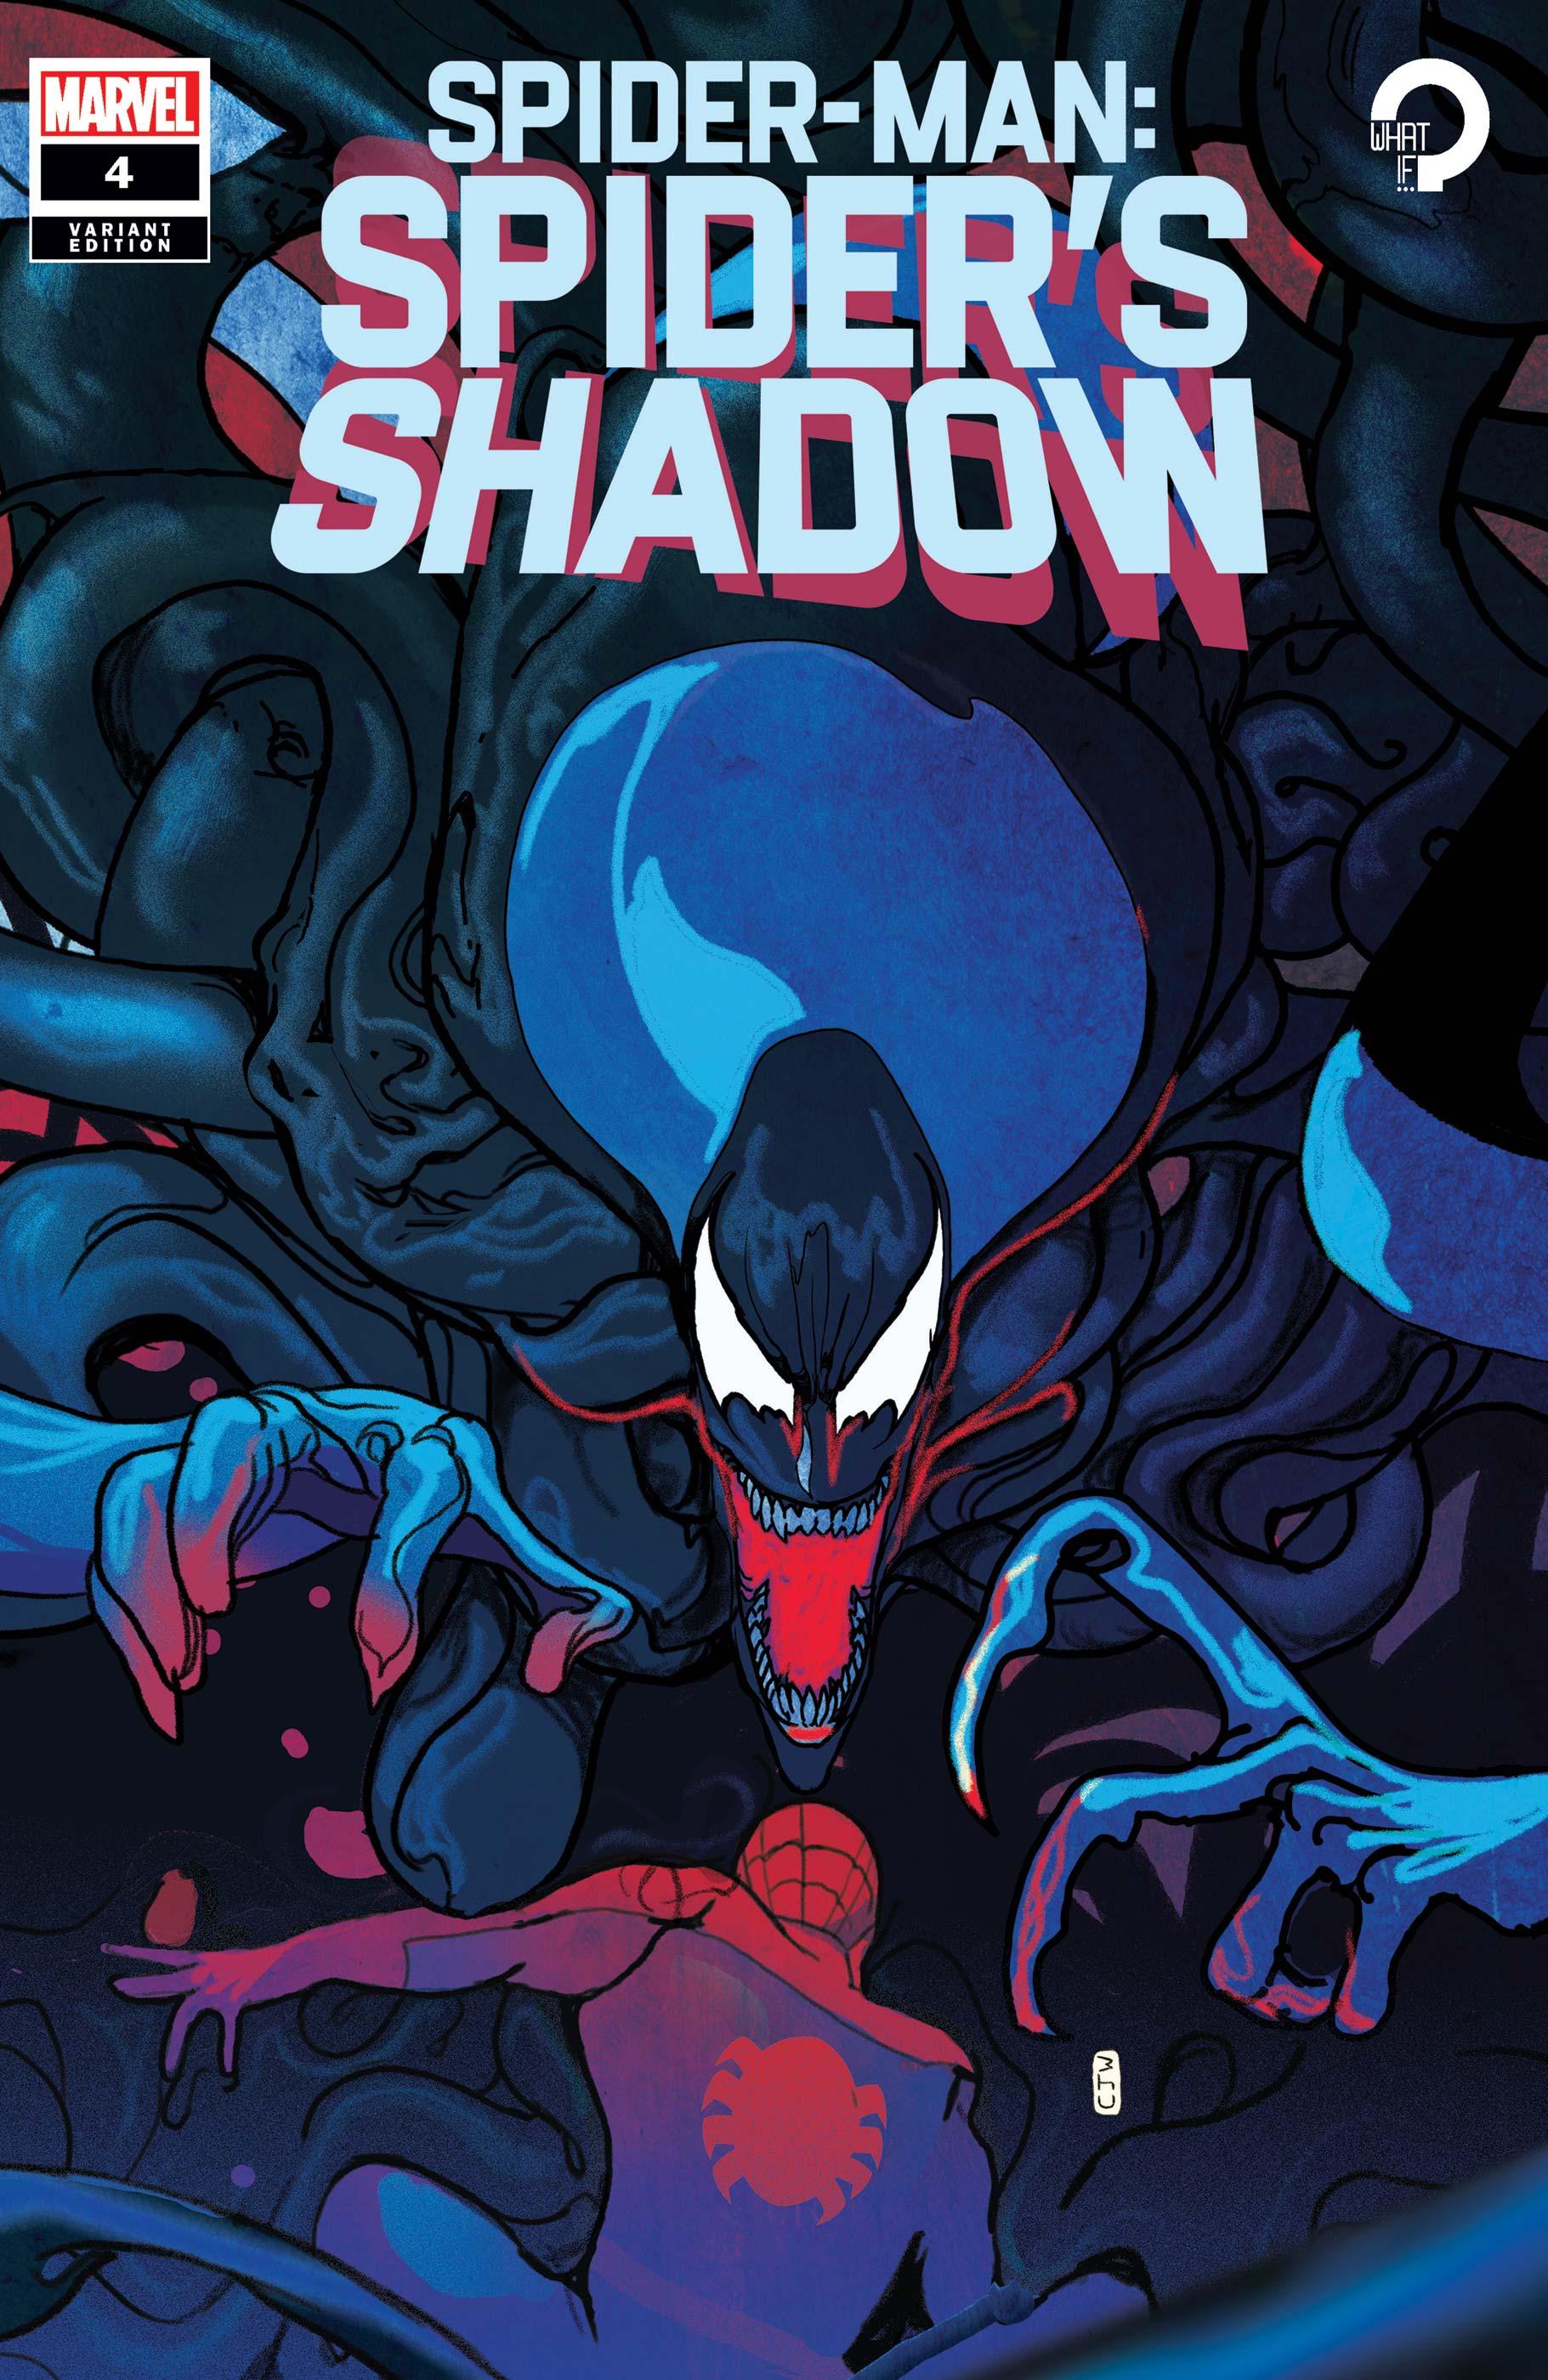 Spider-Man: Spider'S Shadow (2021) #4 (Variant)